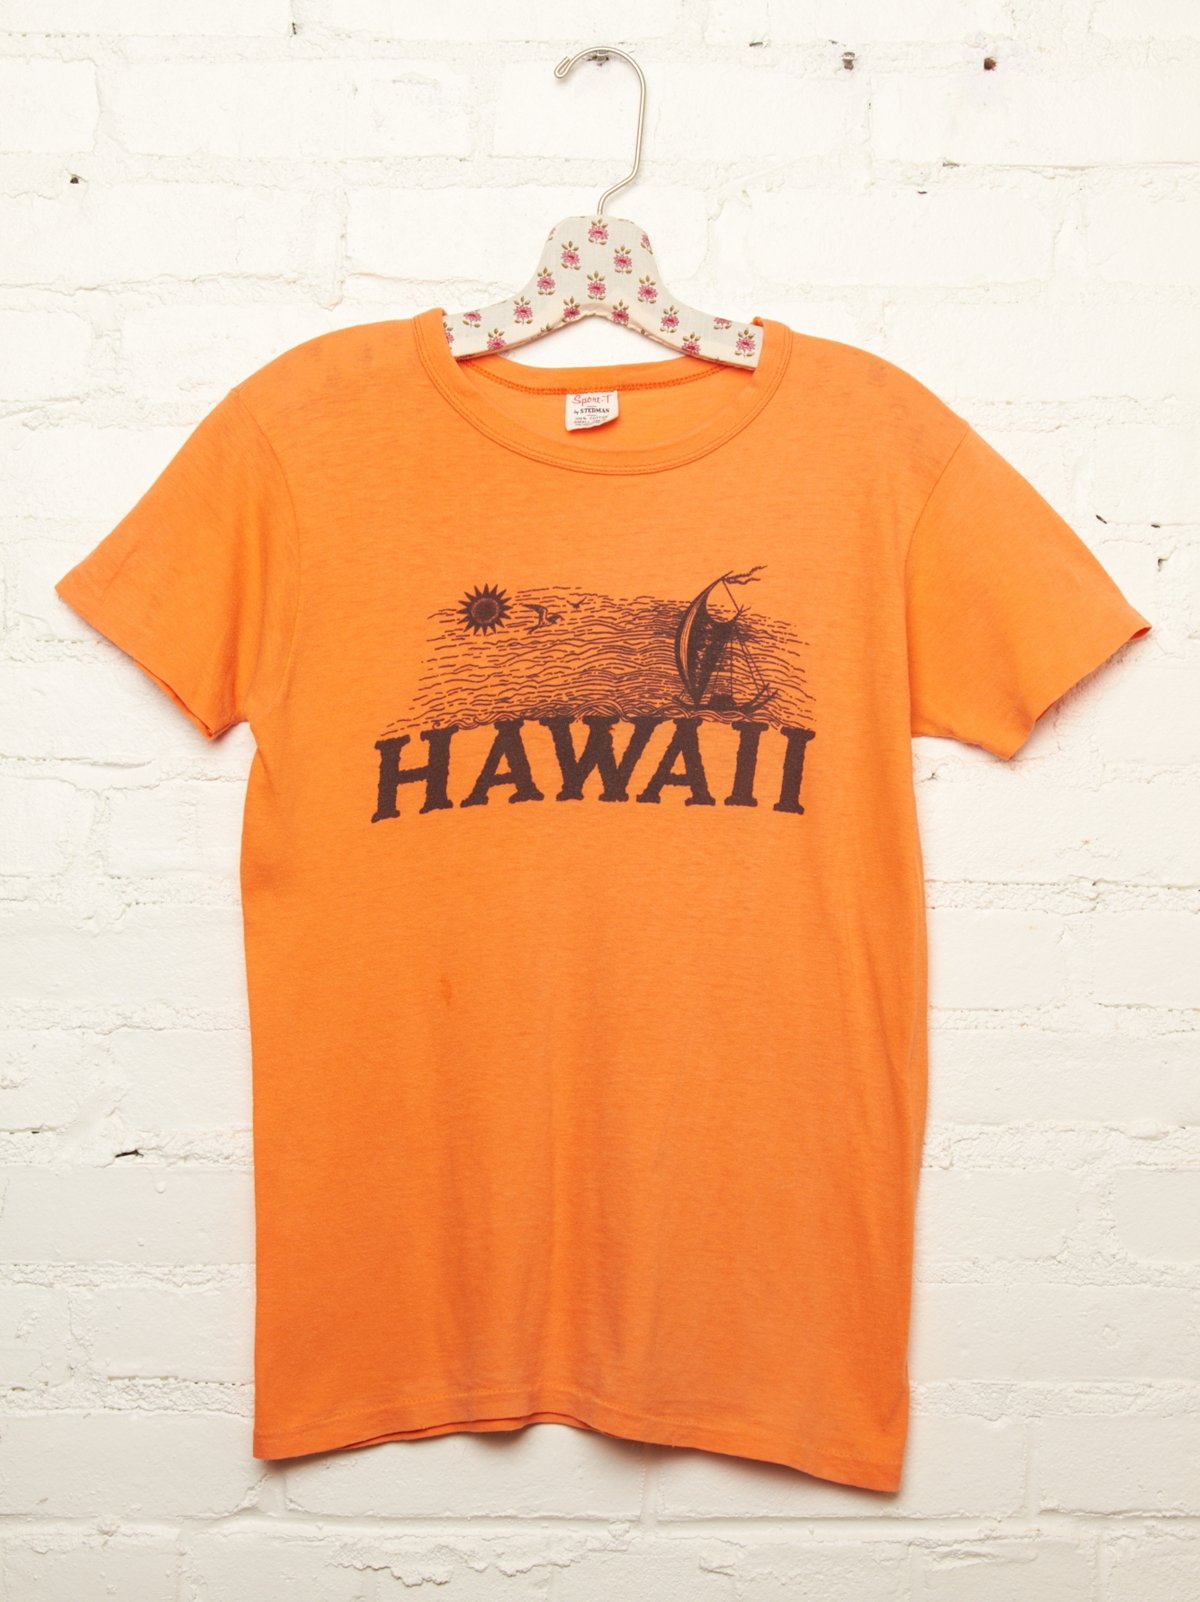 Vintage Orange Hawaii Tee